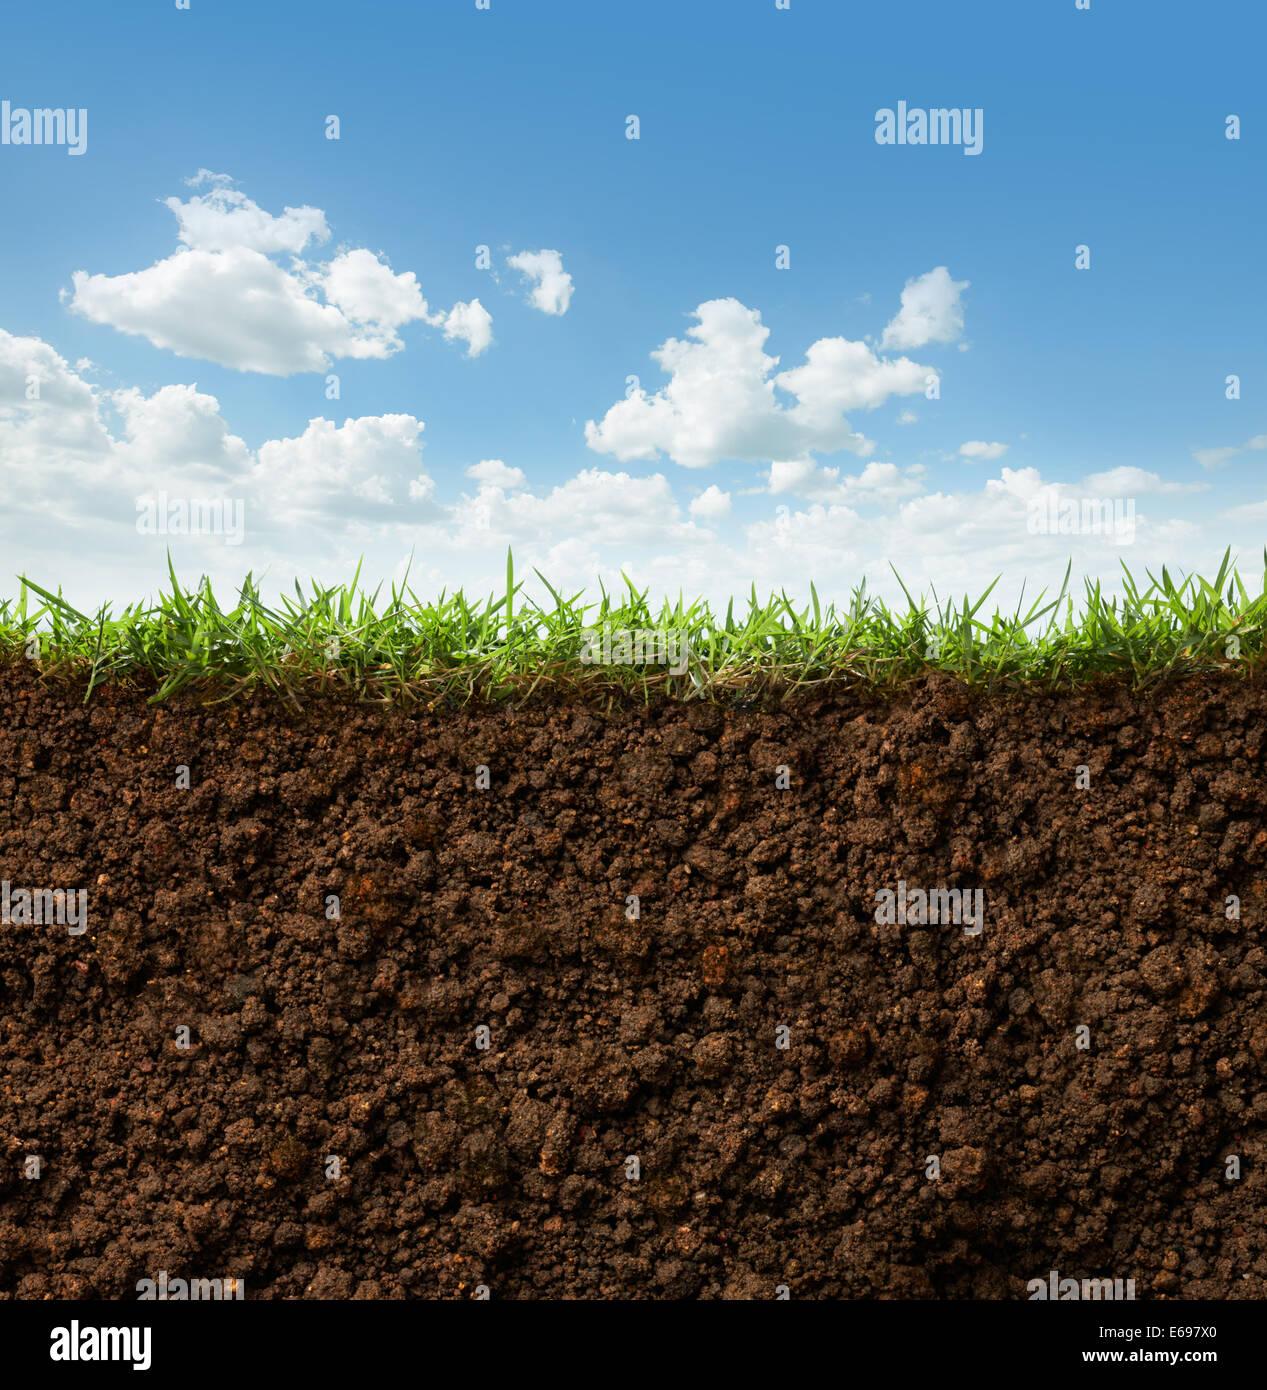 Sezione trasversale di erba e terreno contro il cielo blu Foto Stock